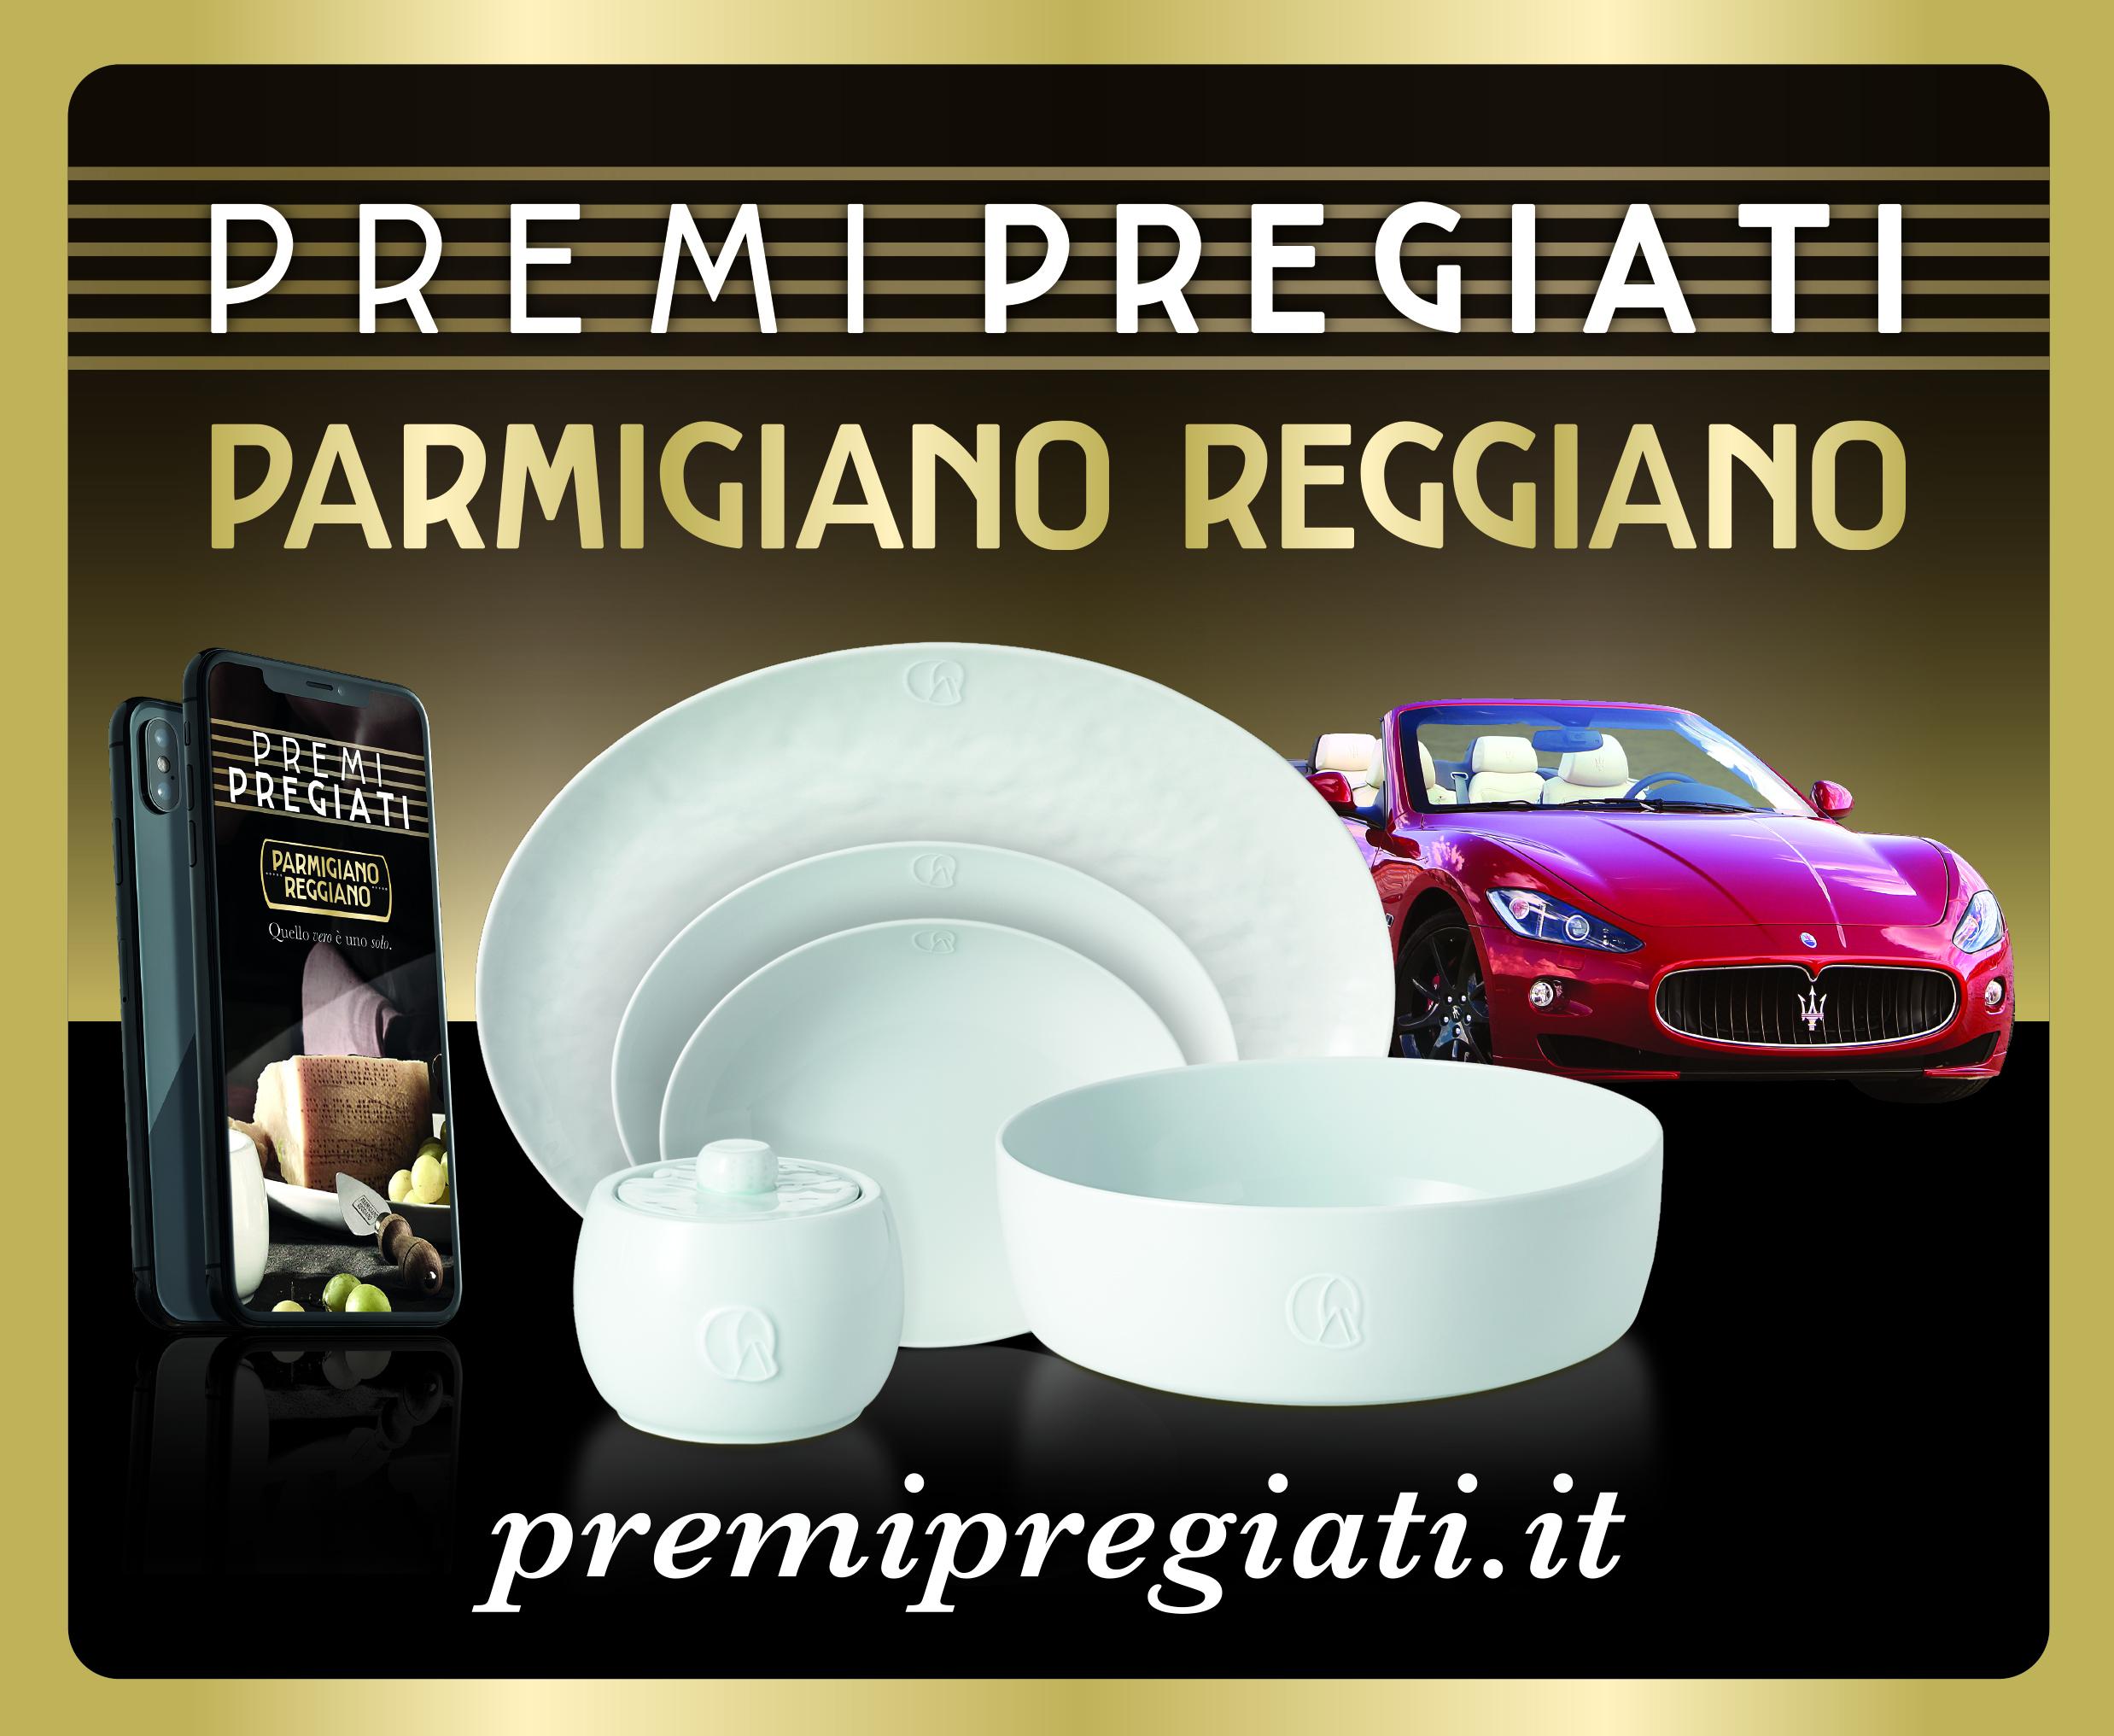 Immagine PremiPregiati